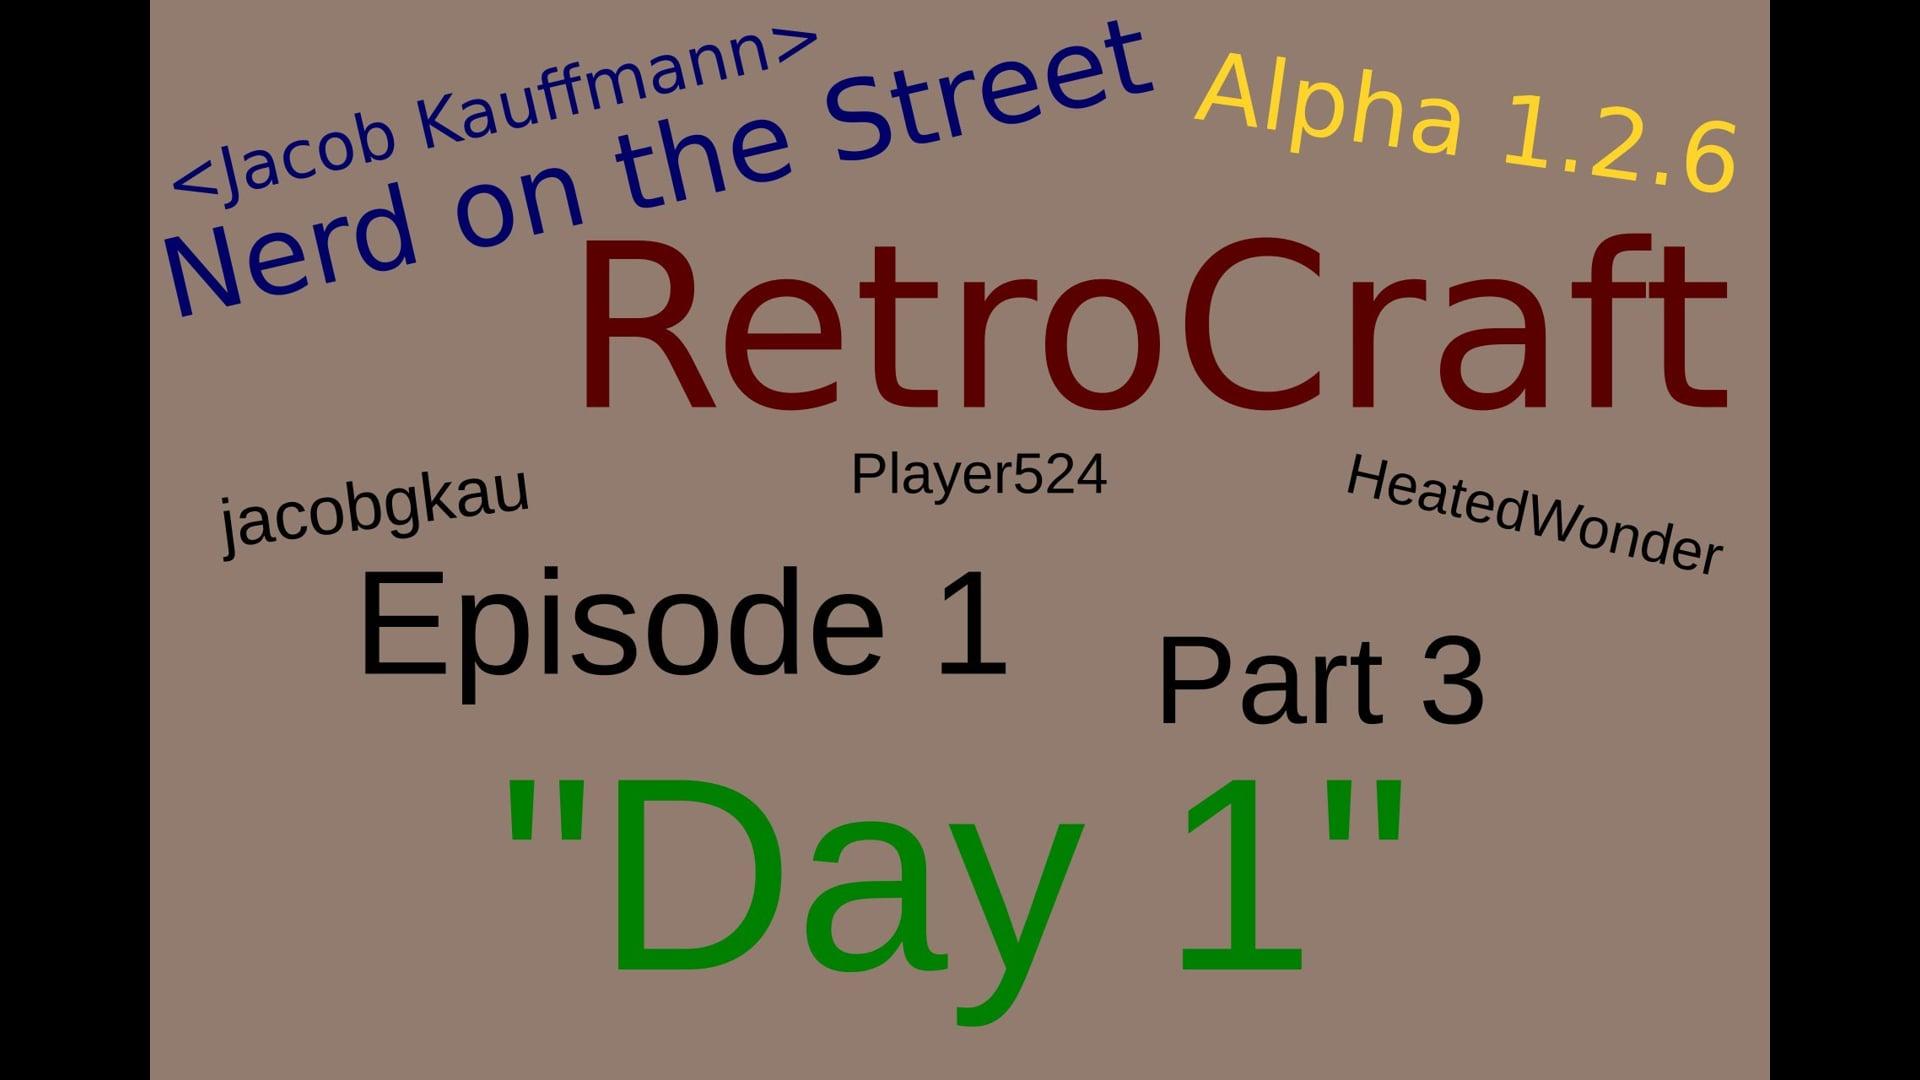 Day 1 - Part 3 - RetroCraft